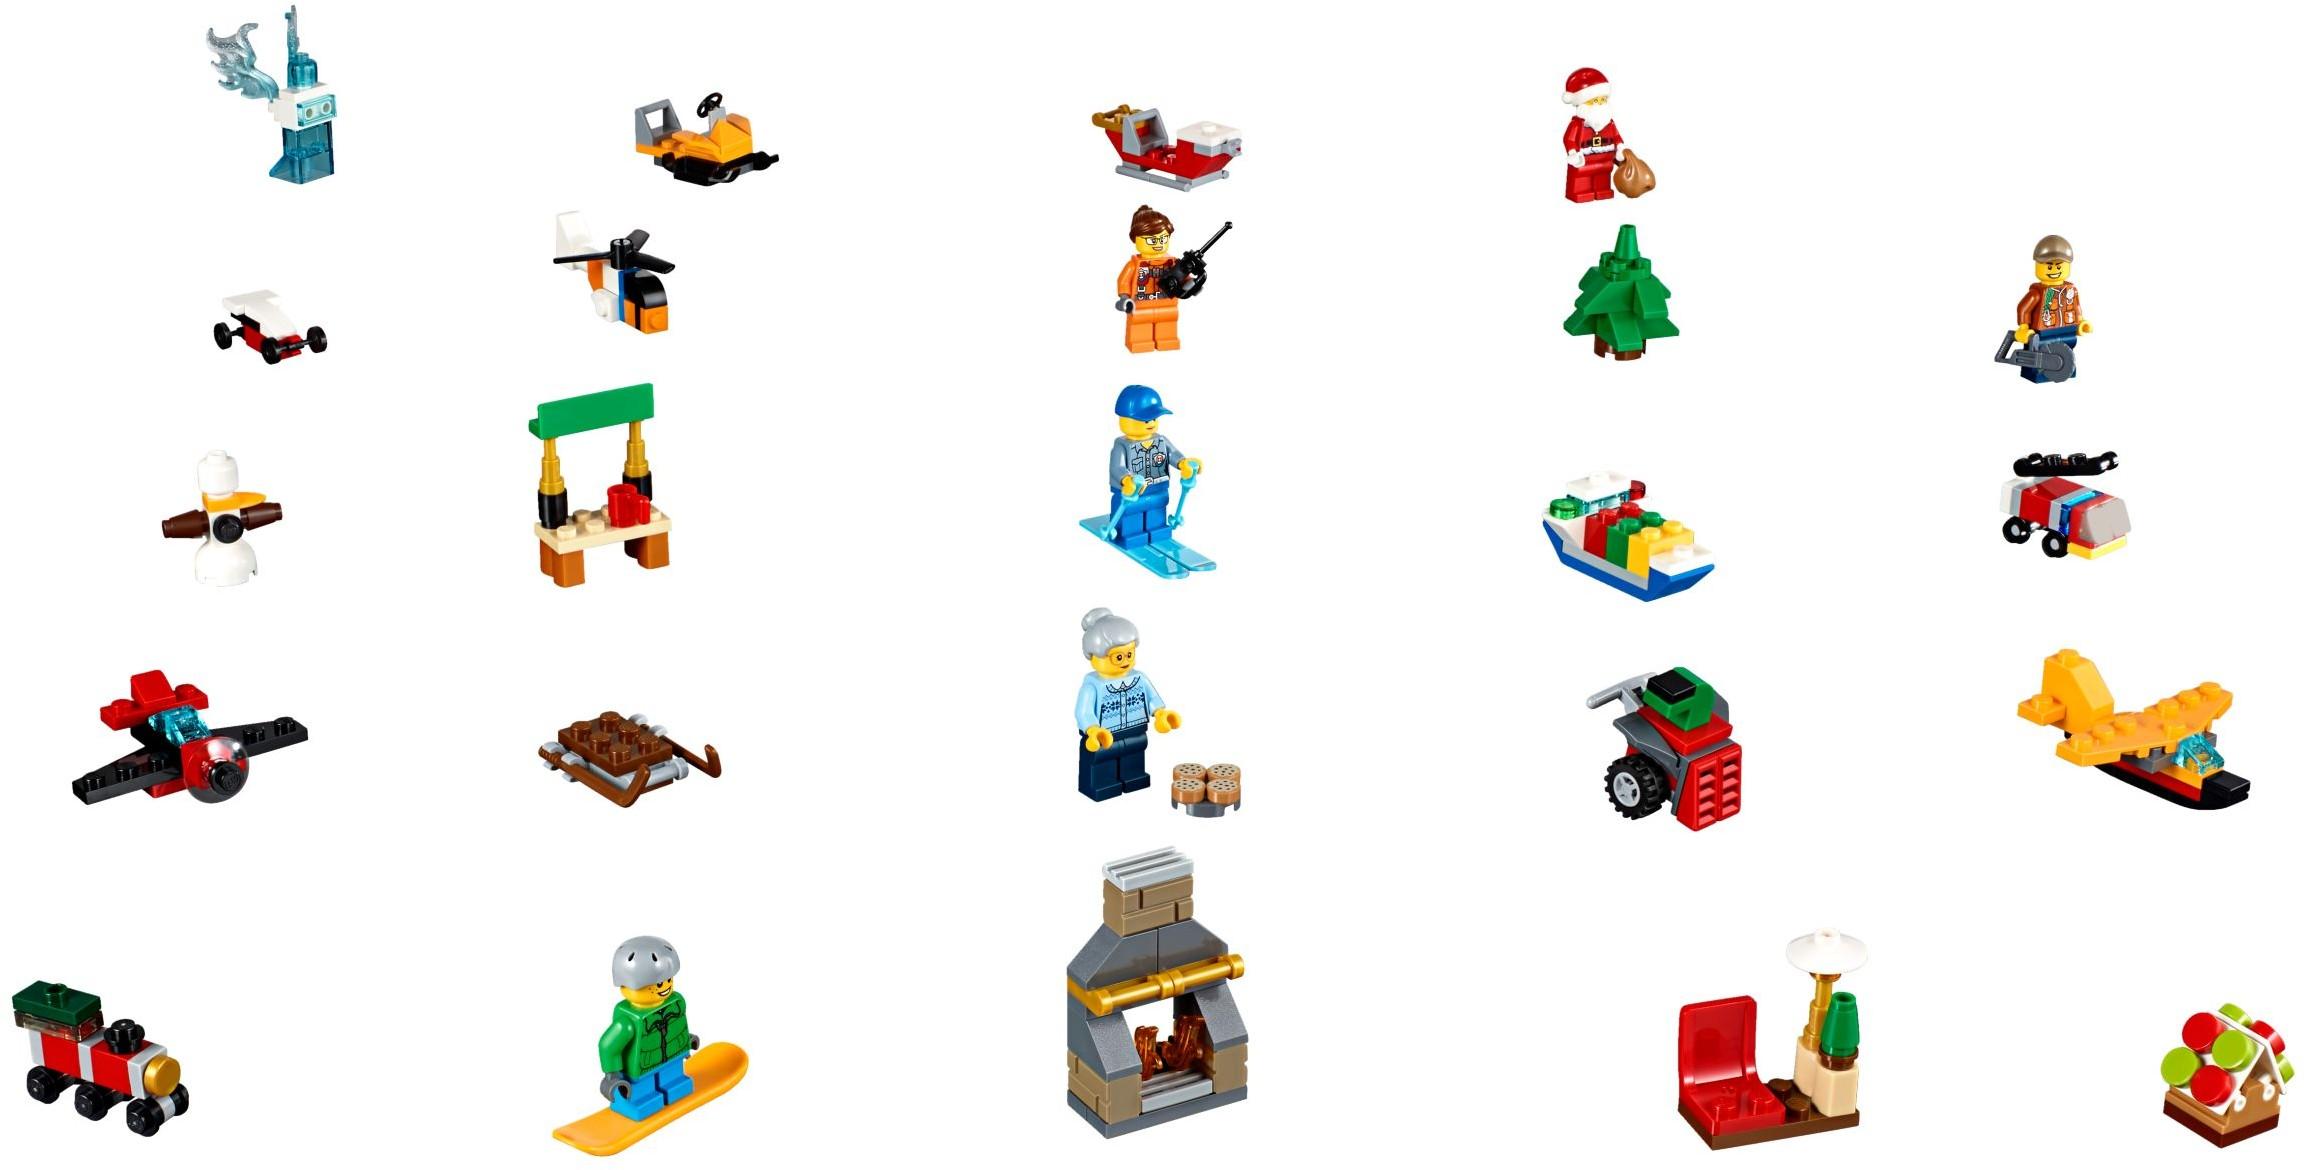 https://images.brickset.com/sets/large/60155-1.jpg?201707280831